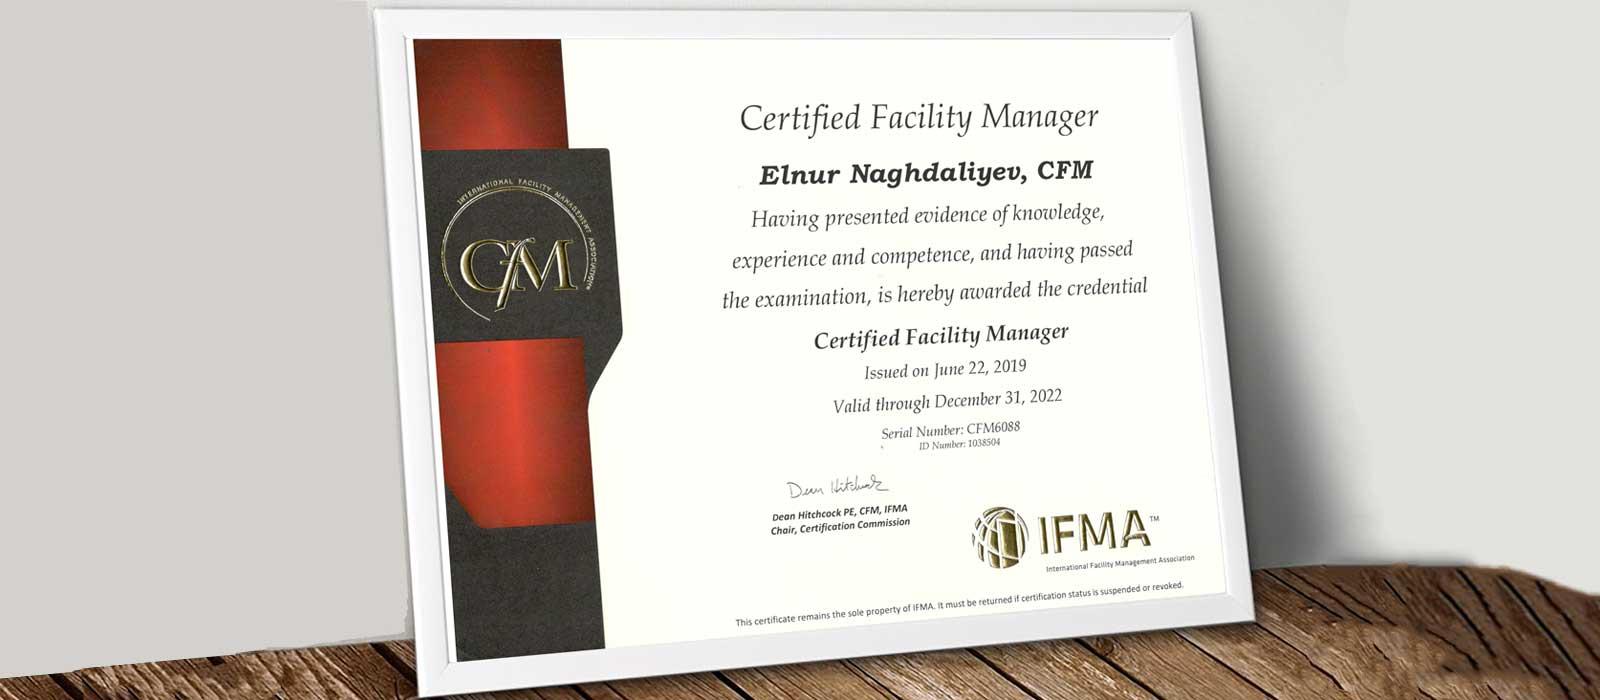 FMG-nin əməkdaşı beynəlxalq sertifikata layiq görülüb